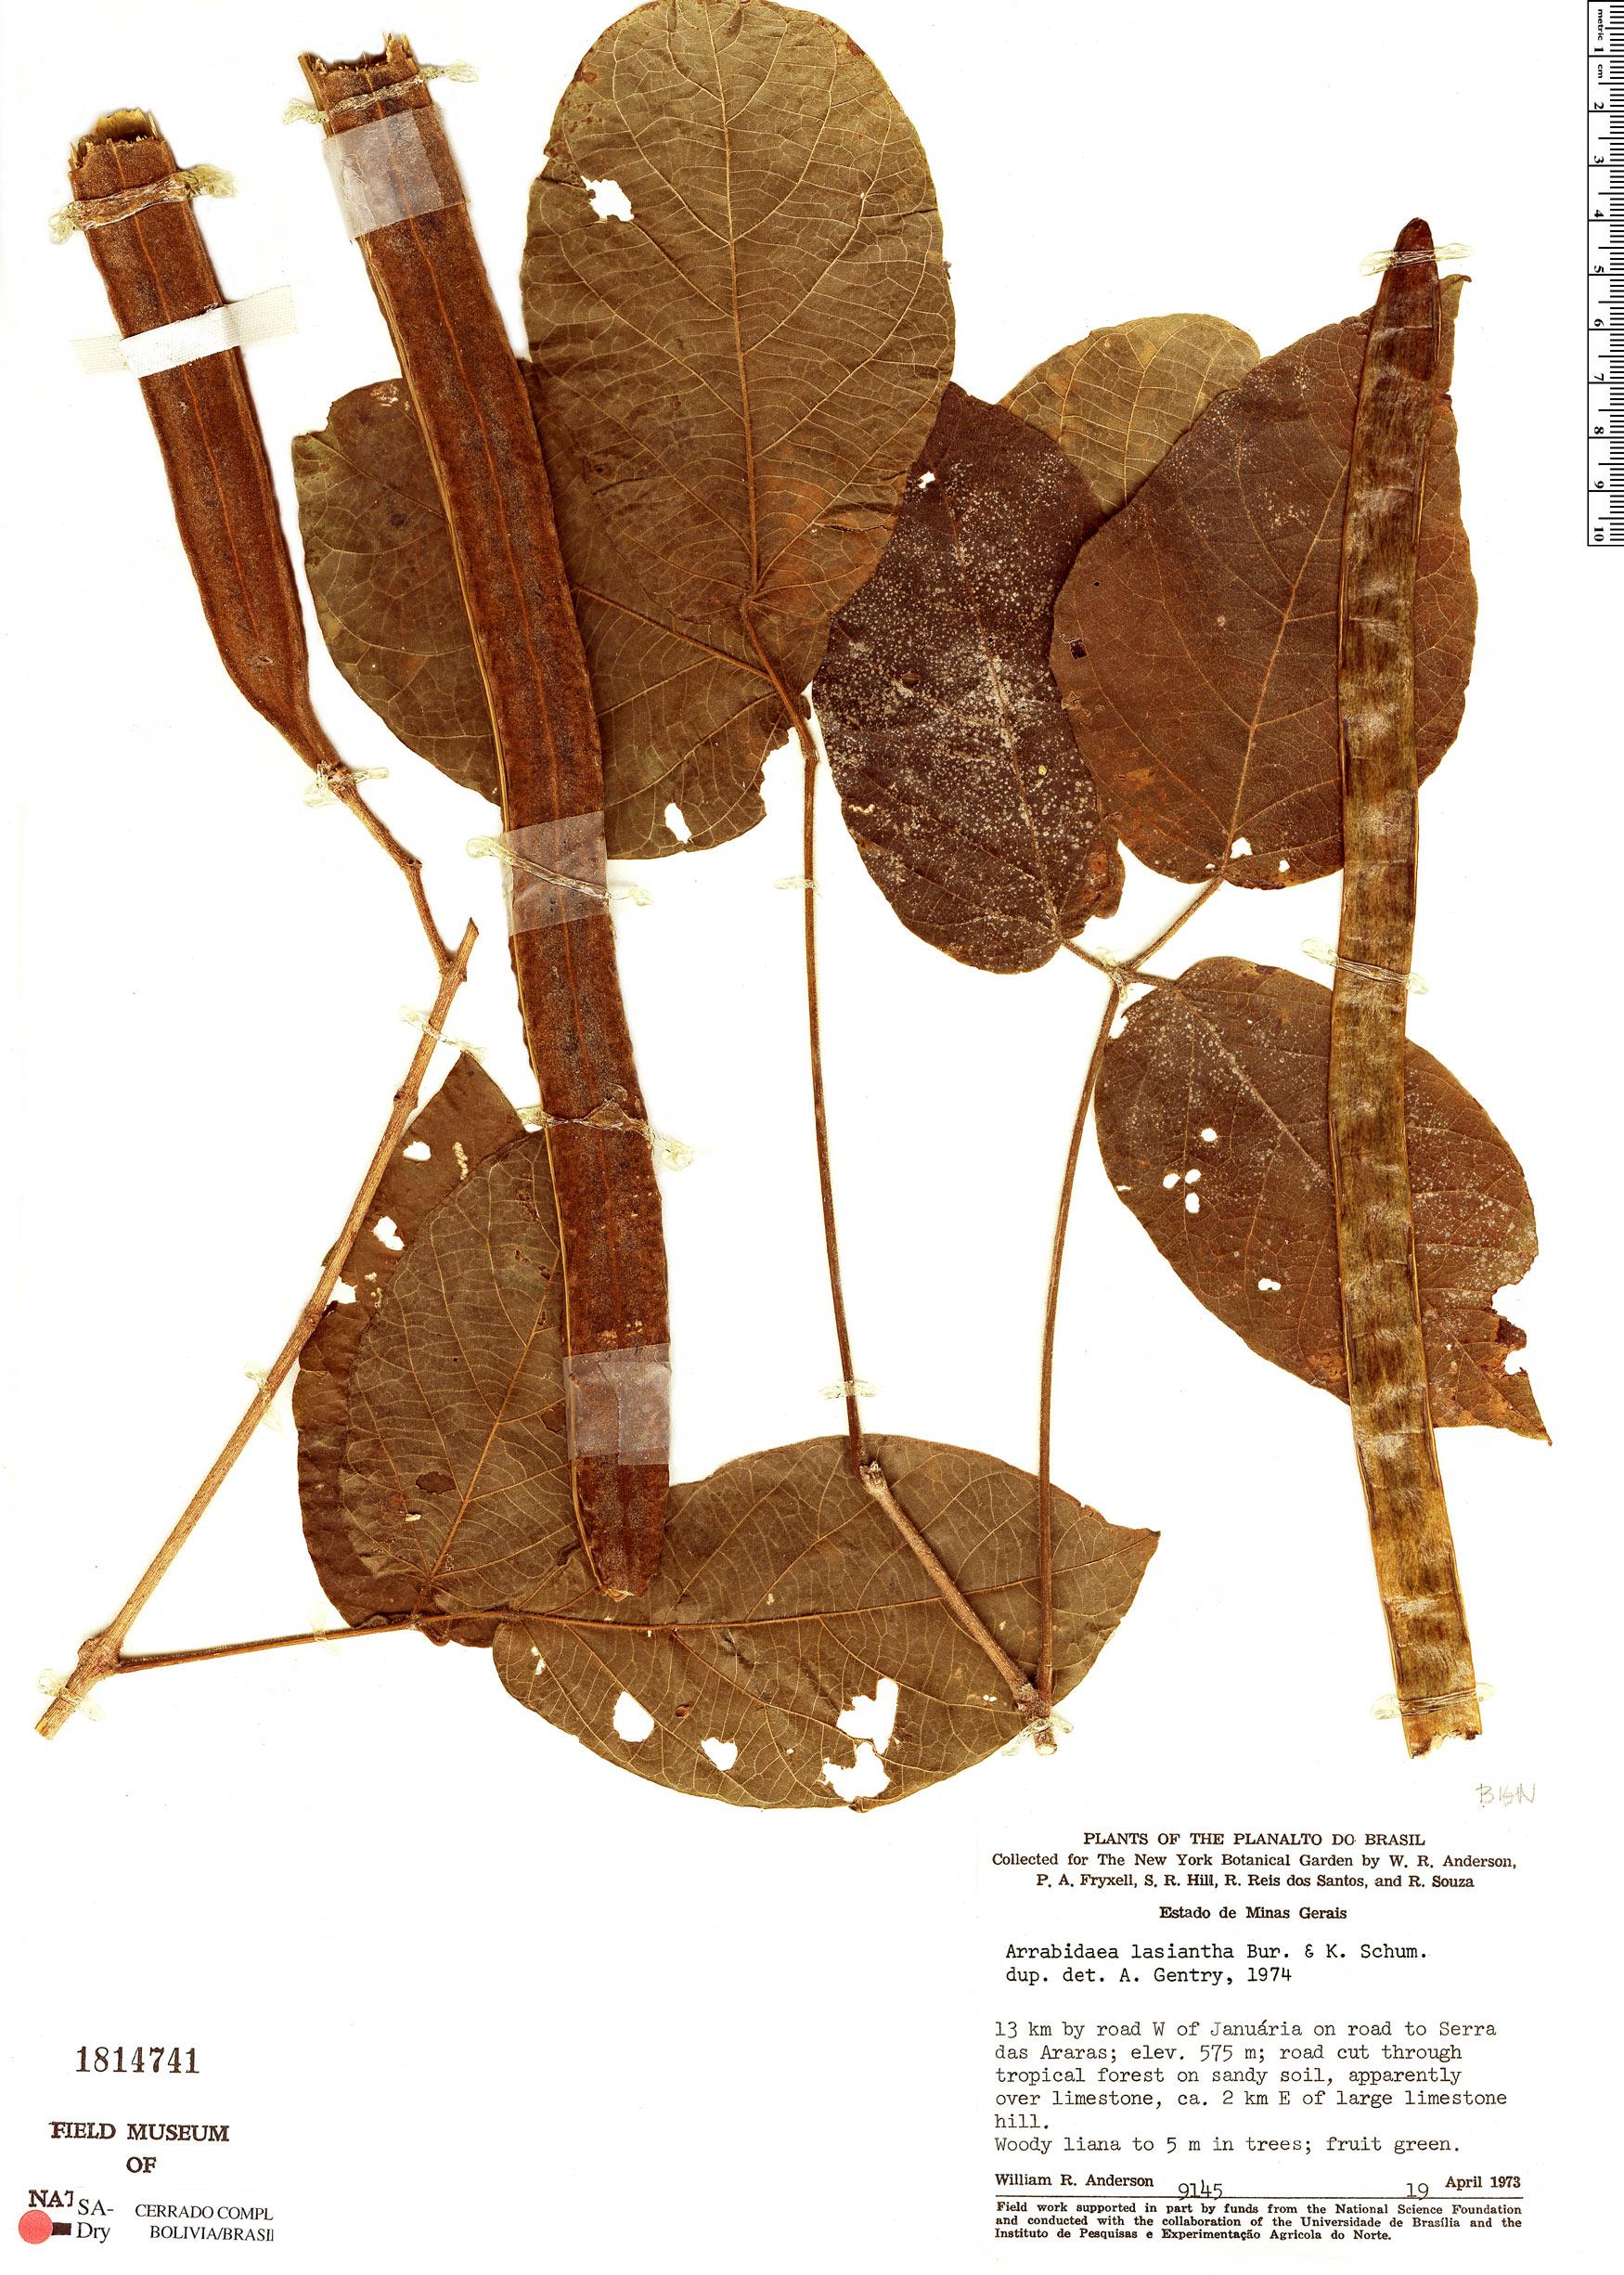 Specimen: Cuspidaria lasiantha